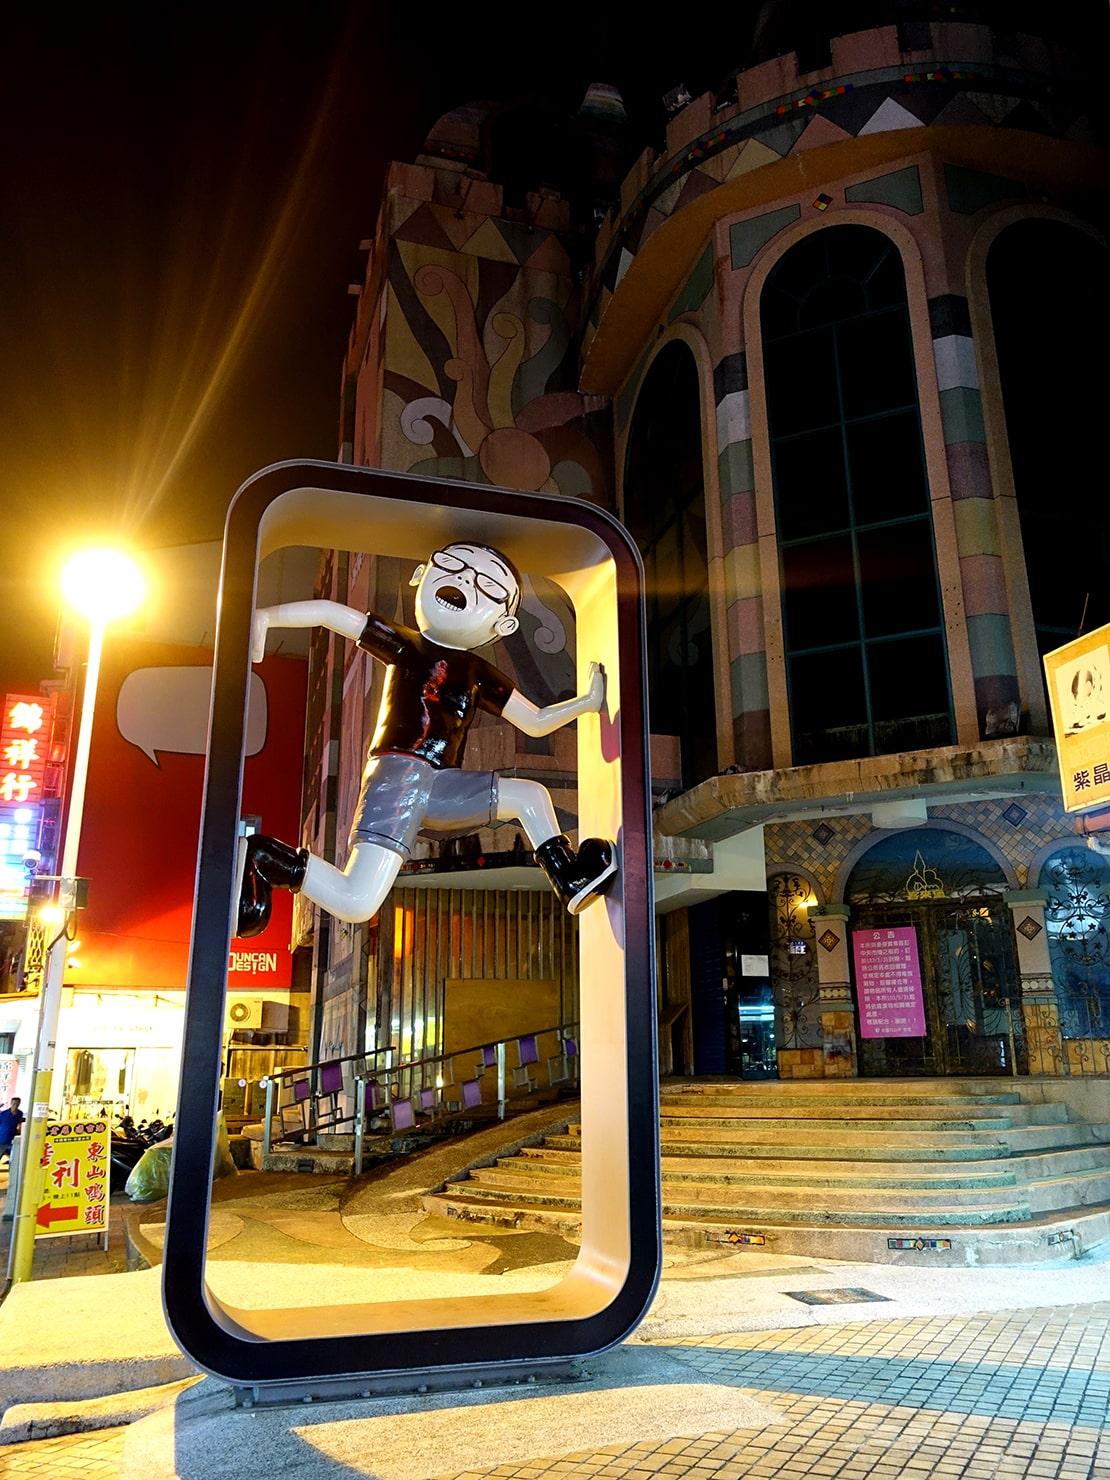 台湾・花蓮のおすすめ観光スポット「金三角商圈」に置かれたDUNCAN DESIGNのオブジェ